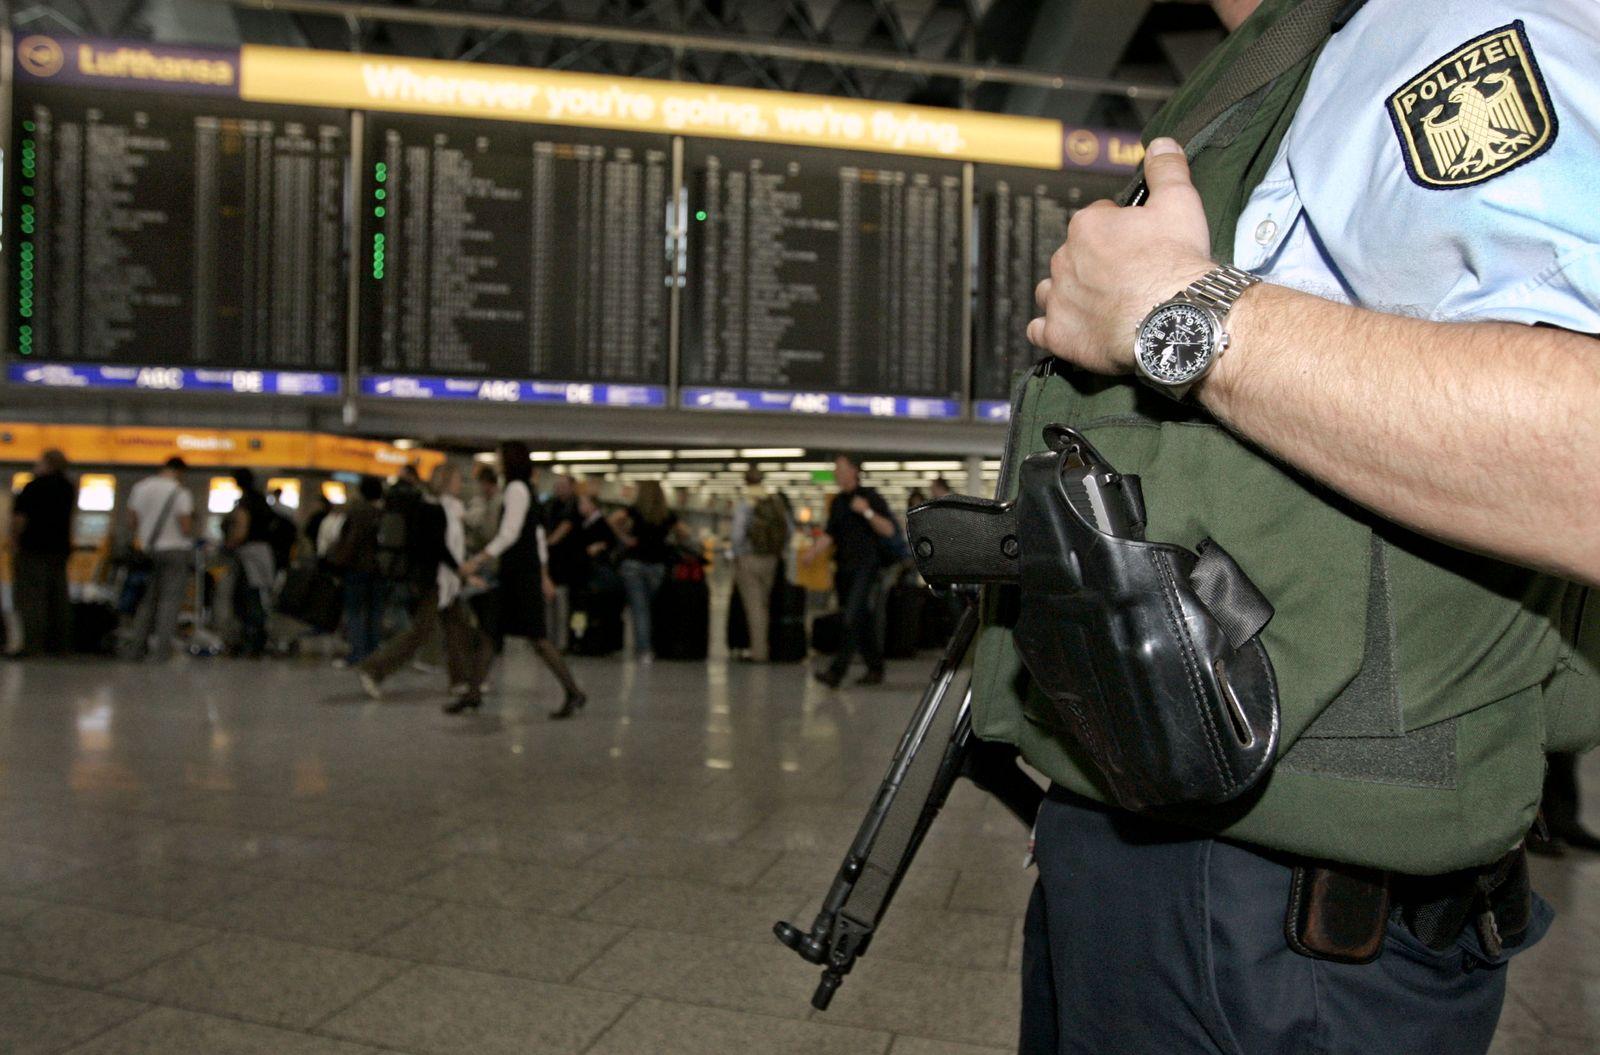 NICHT VERWENDEN Flughafen Frankfurt/ Bundespolizei